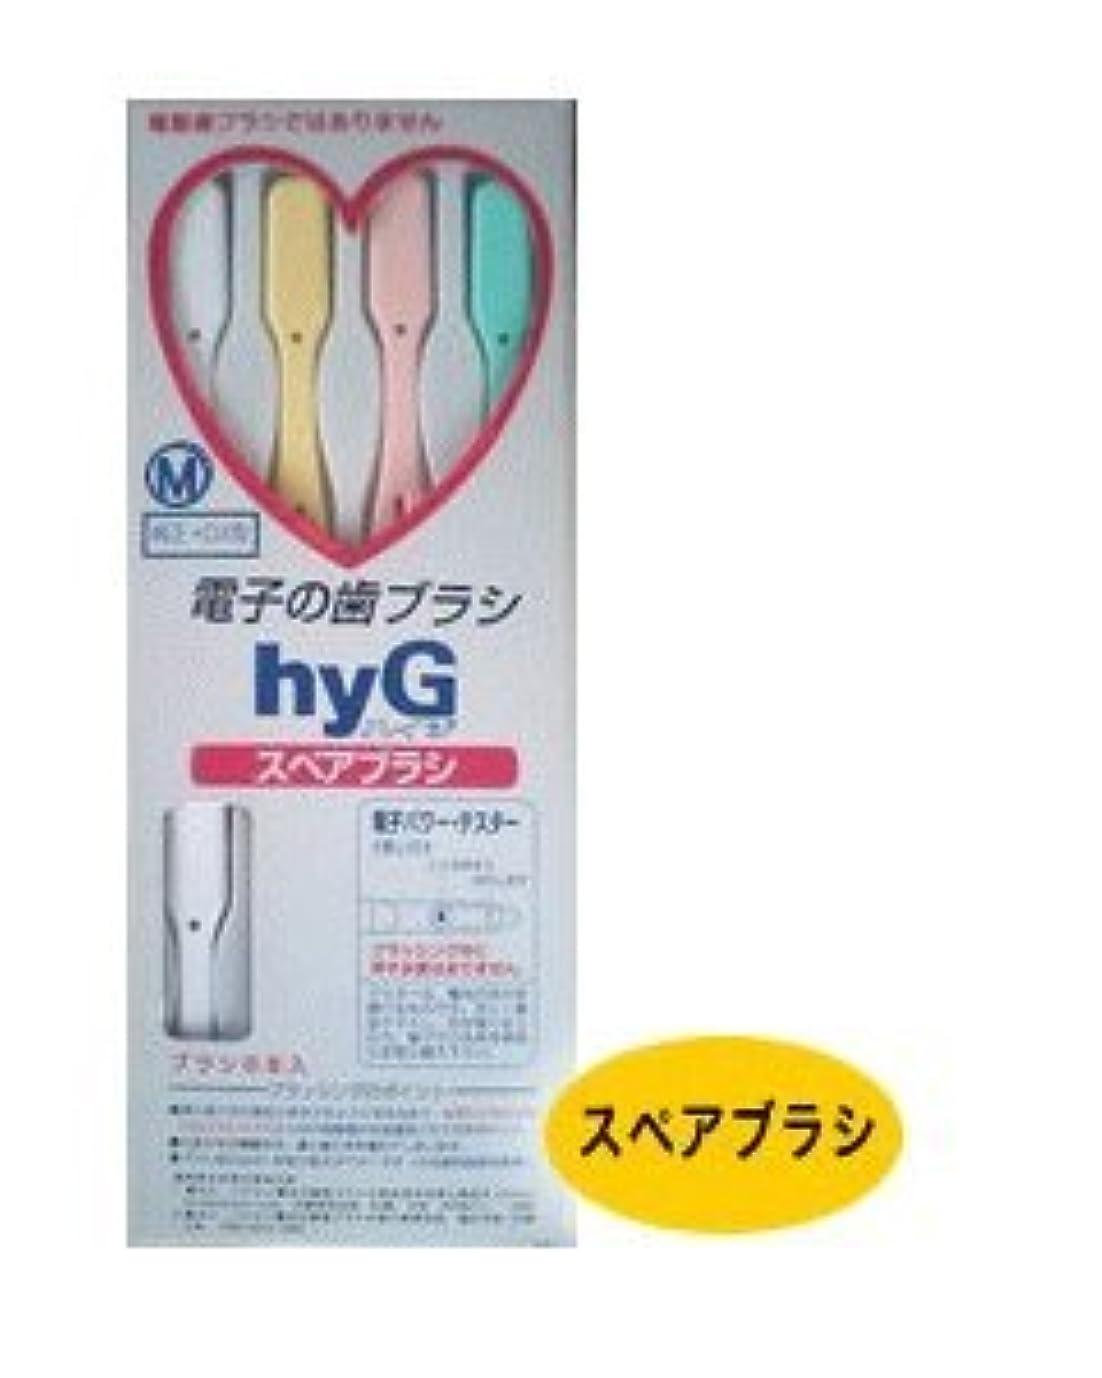 ドライバようこそ研究電子の歯ブラシ ハイジ(hyG) スペアブラシ M(ミディアム) 【純正?DX型】